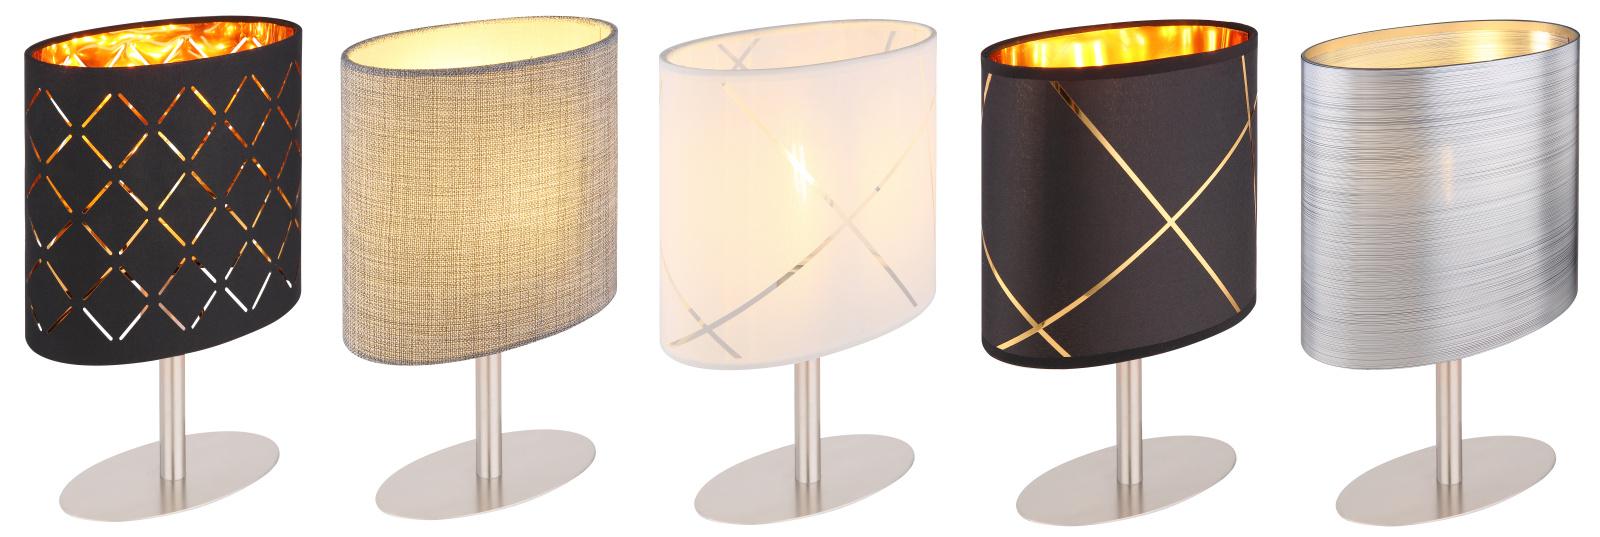 Asztali láma display exkl. 1xE14 25W 230V matt króm talp, különböző színű textil ernyőkkel